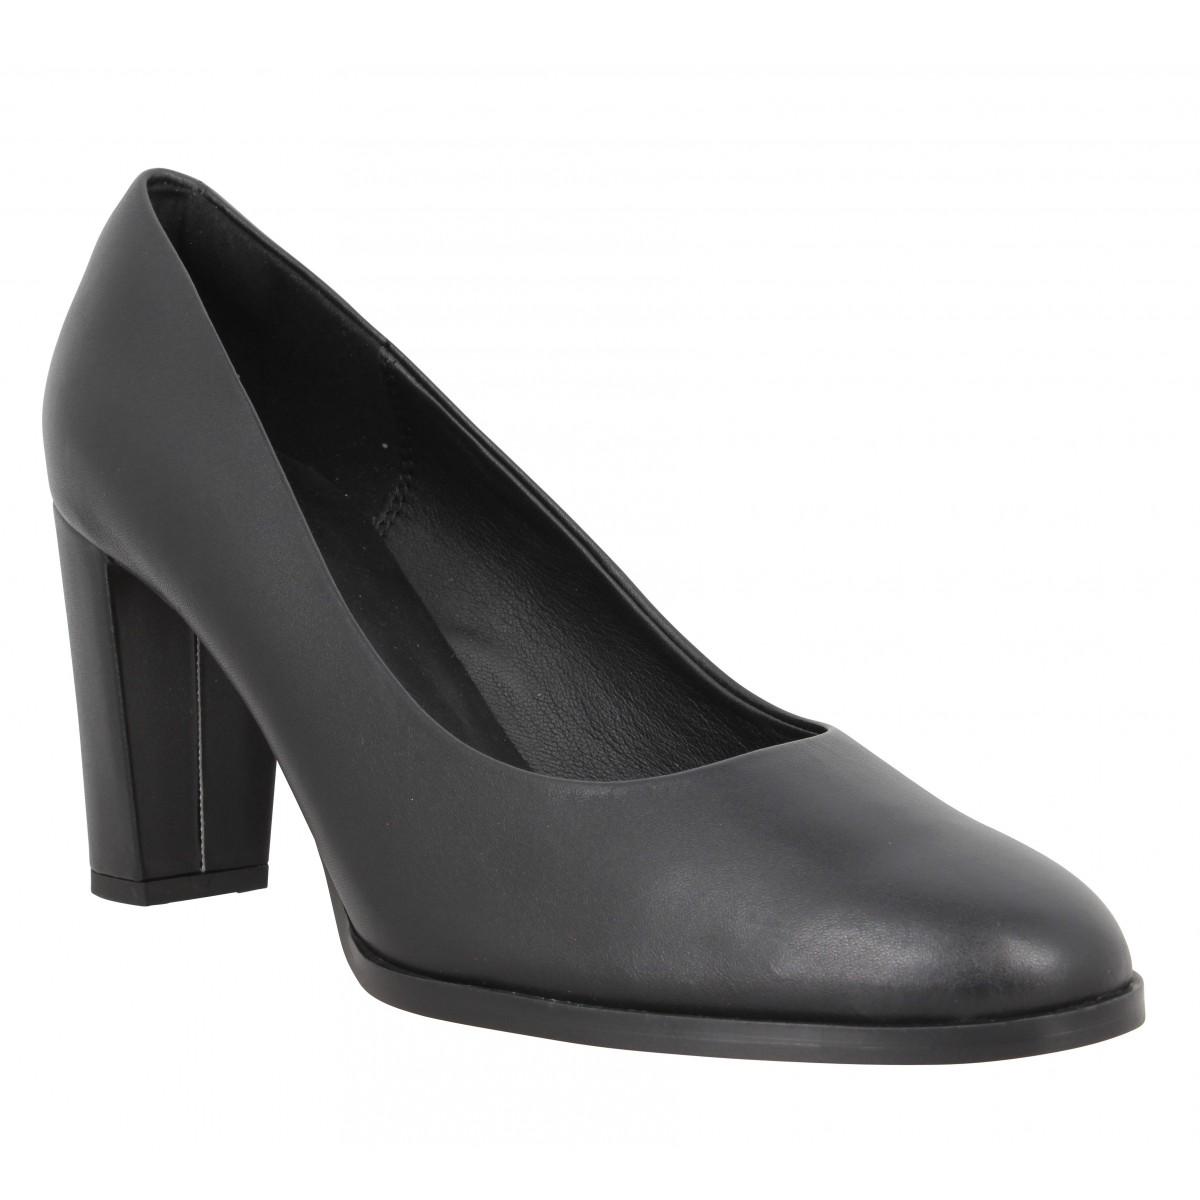 Escarpins CLARKS Kaylin Cara2 cuir Femme Noir